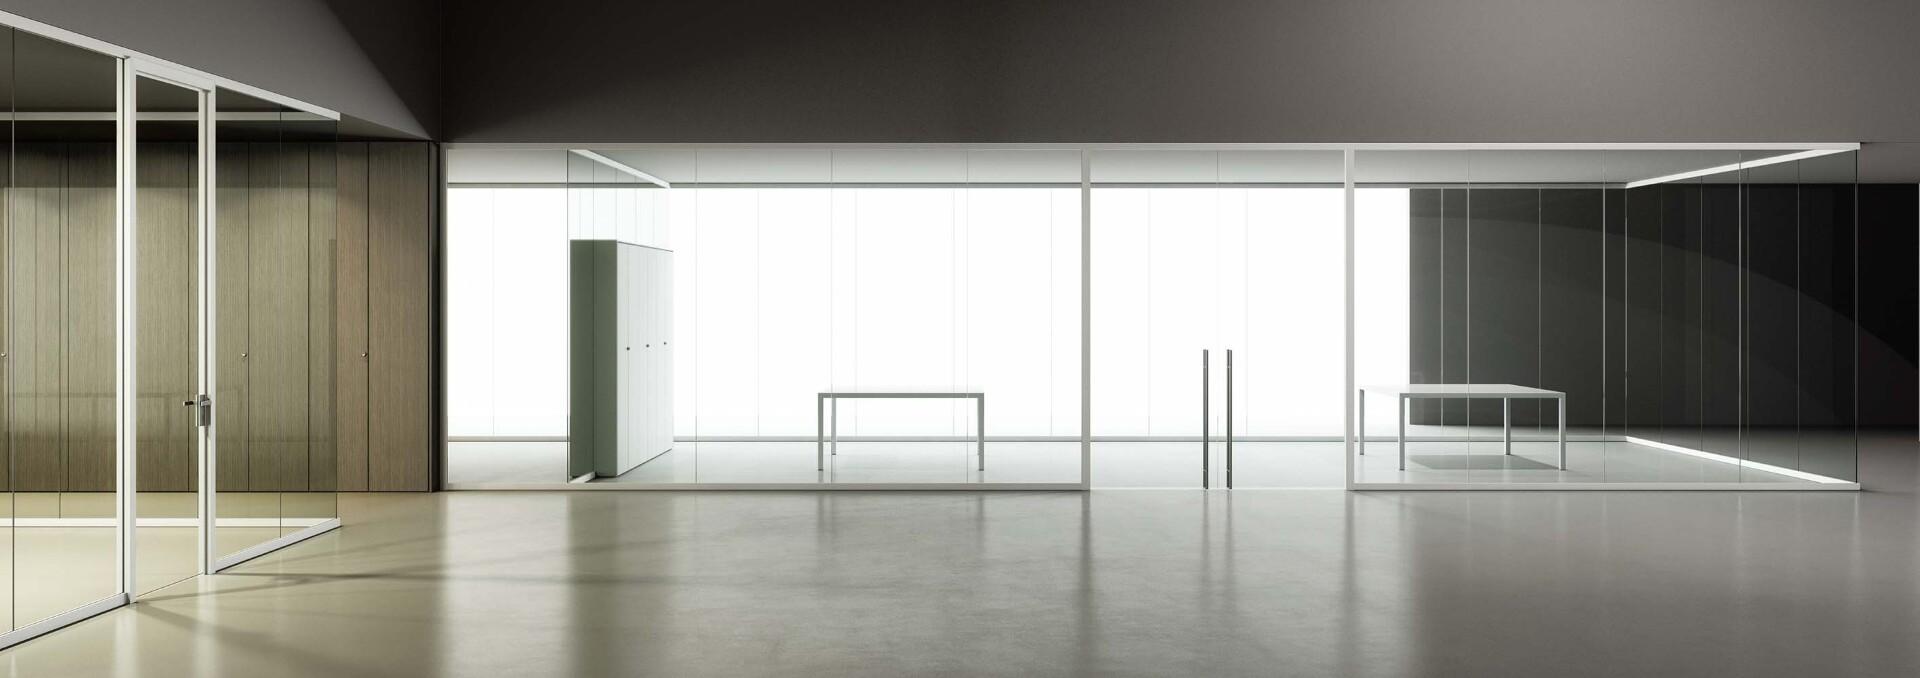 door-glass-wall-dwel.jpg